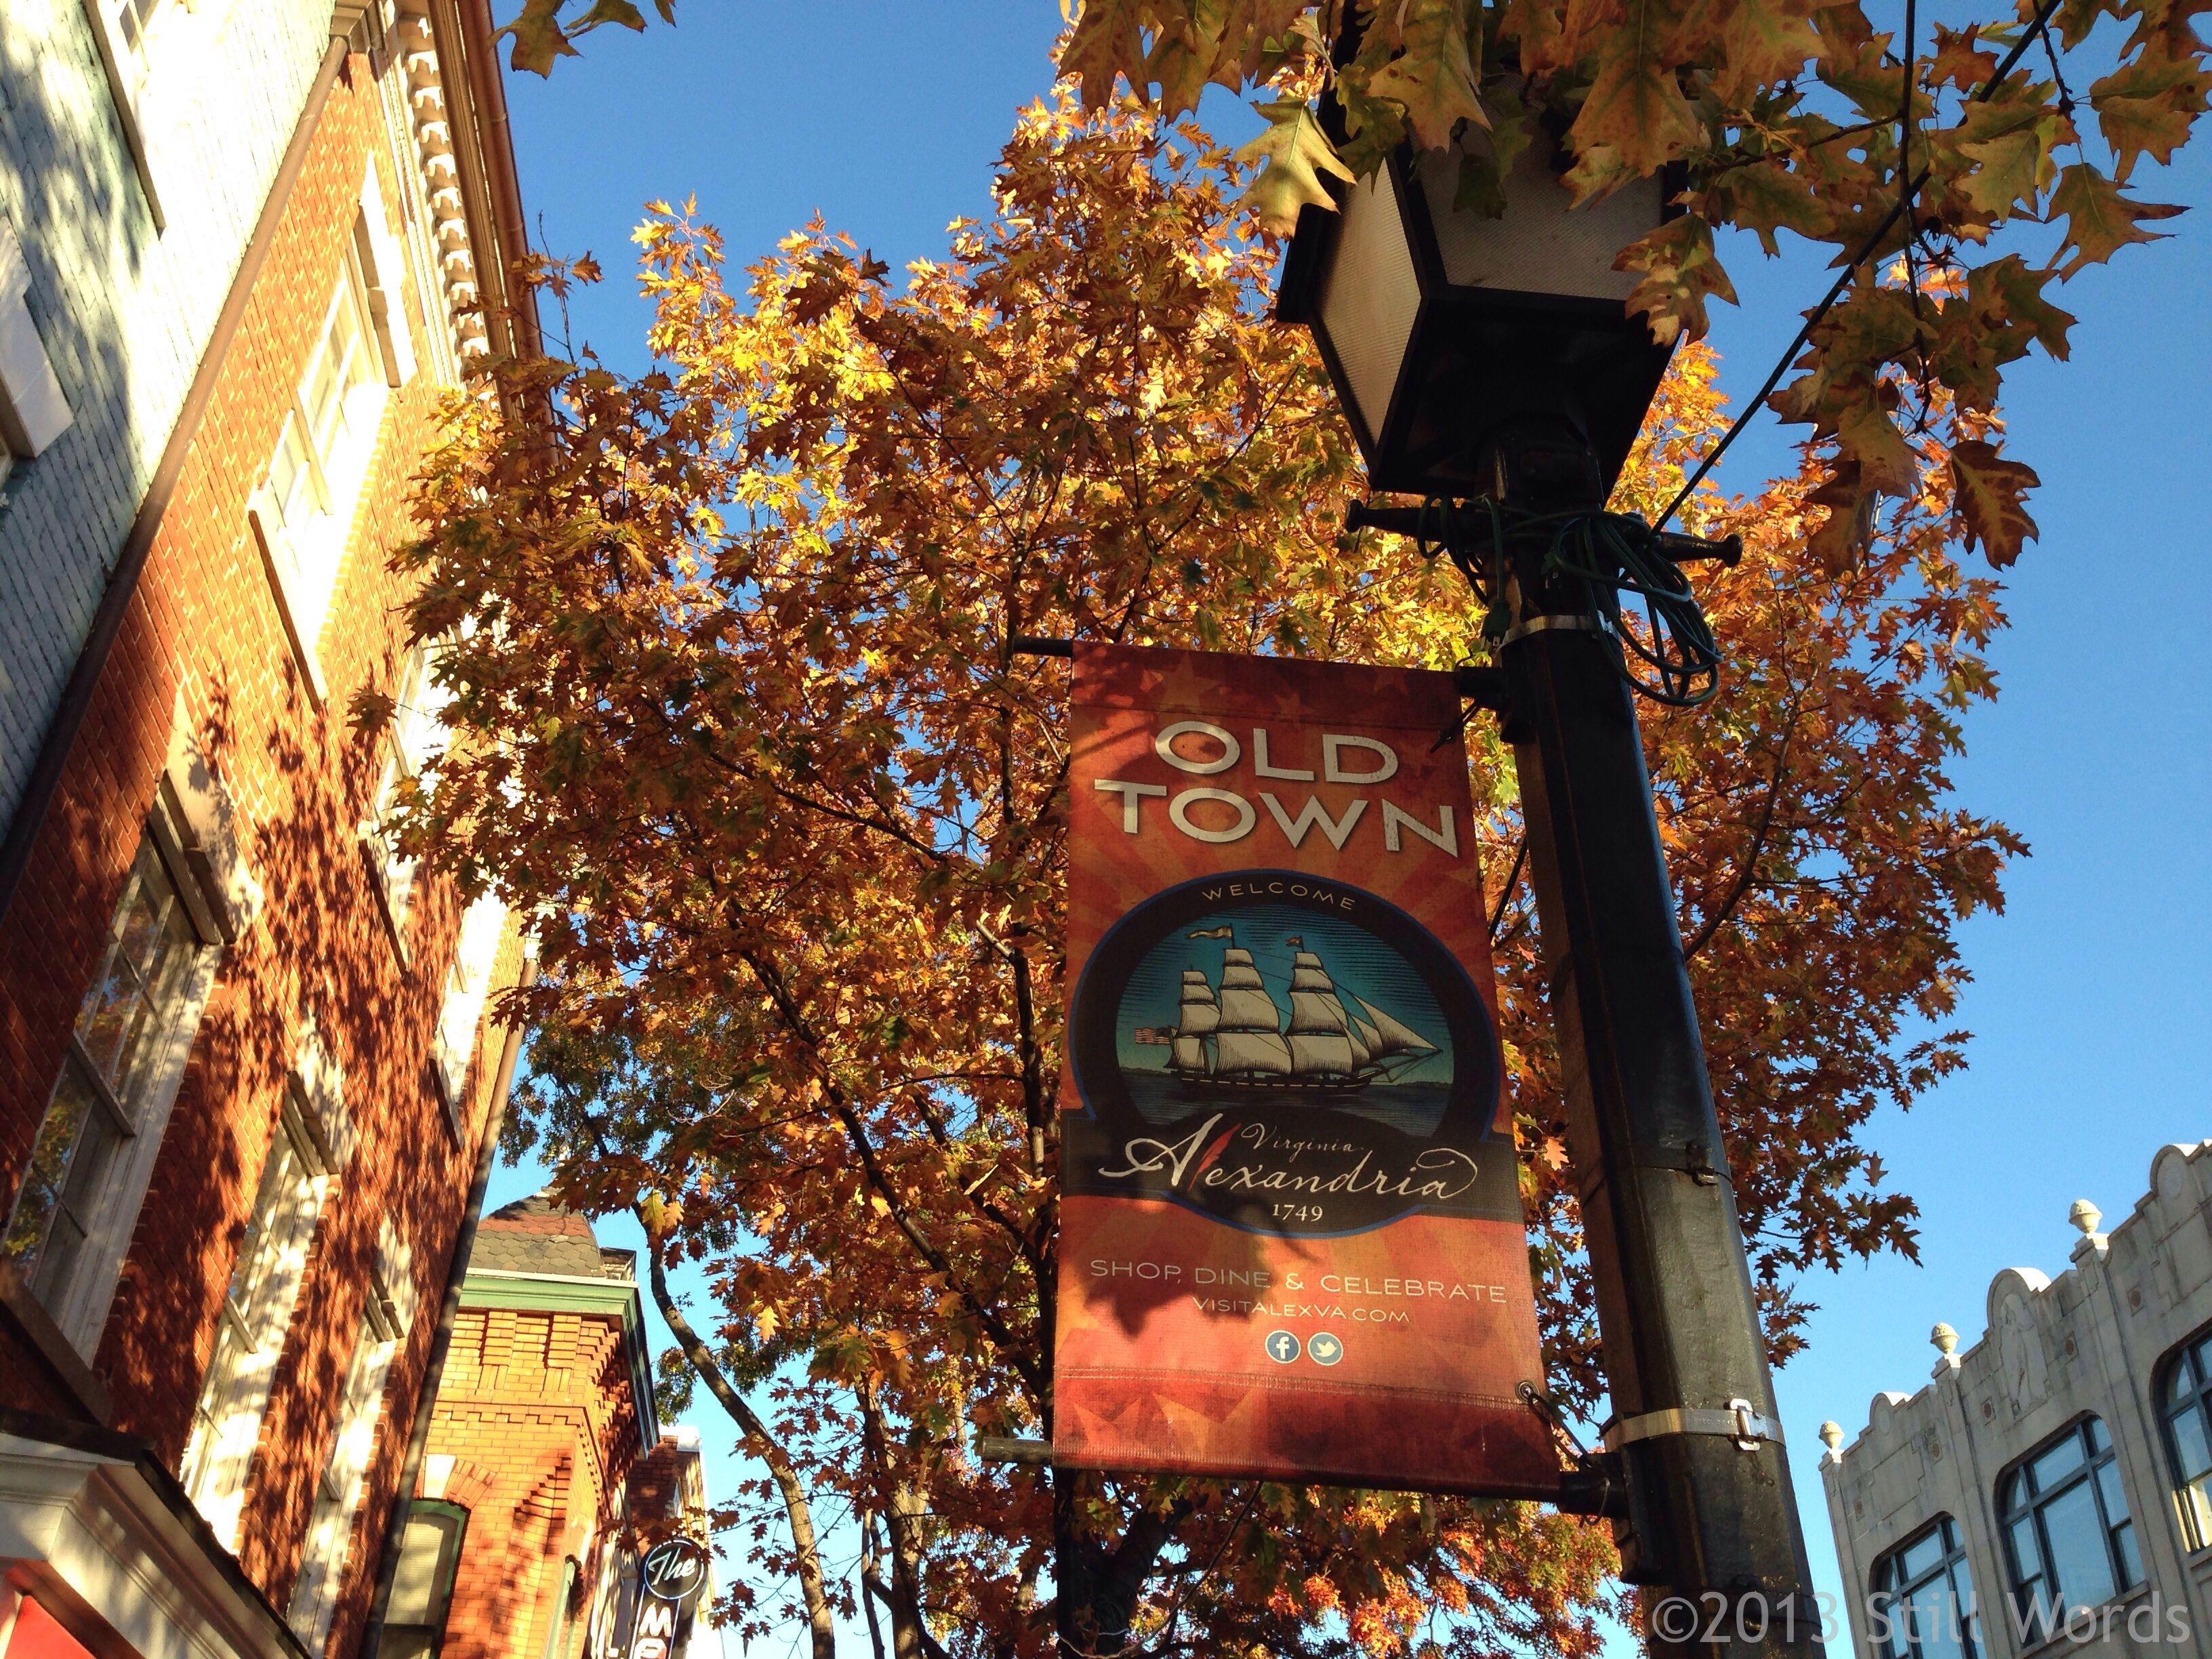 Autumn in old town alexandria va still words my blog